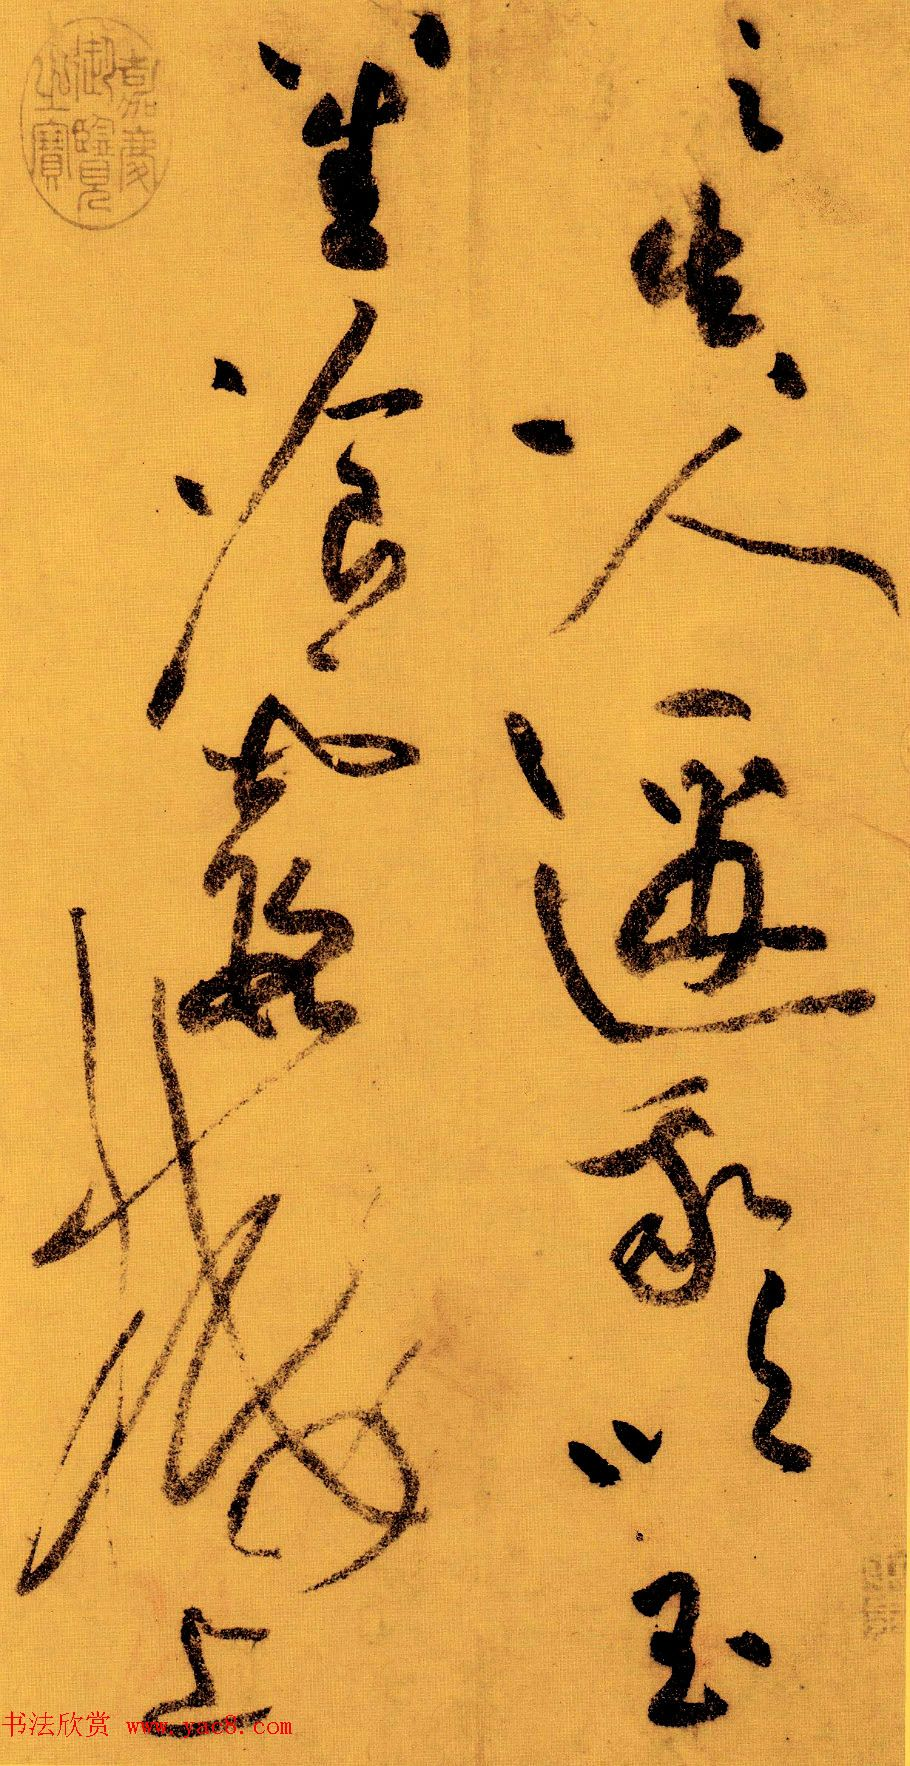 黃庭堅草書賞析《李白憶舊遊·寄谯郡元參軍詩卷》